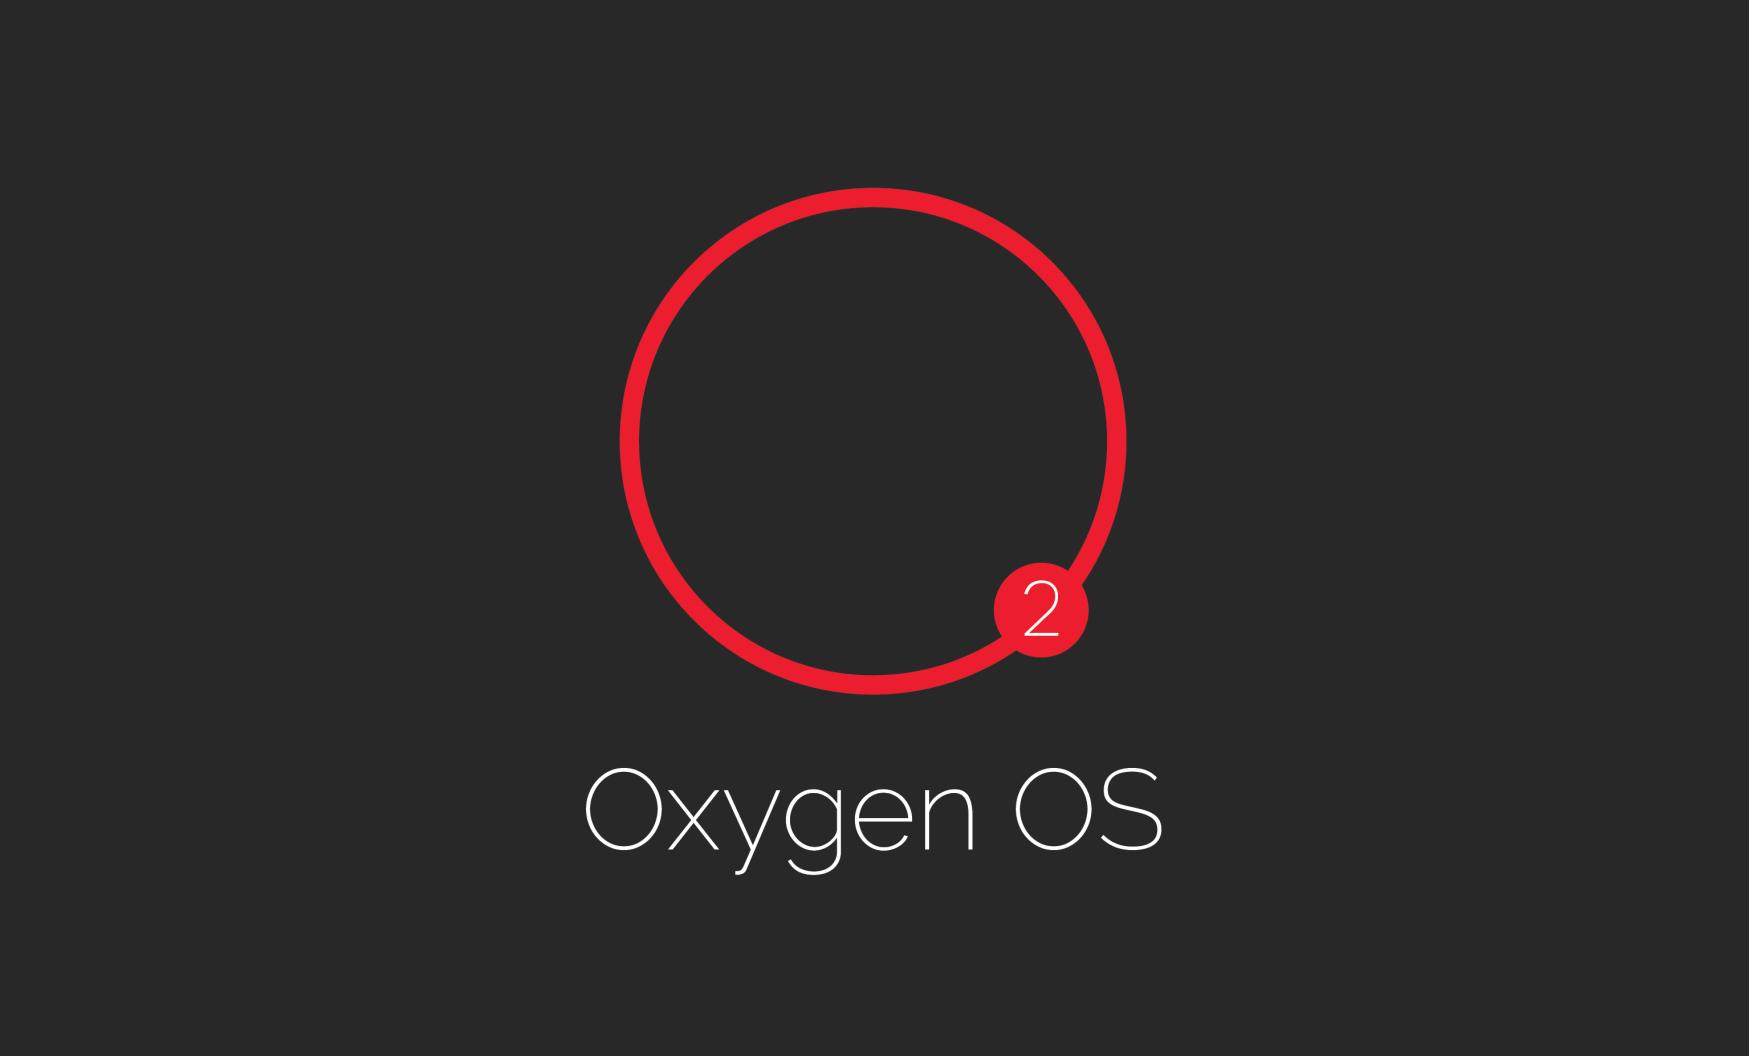 Oxygen OS